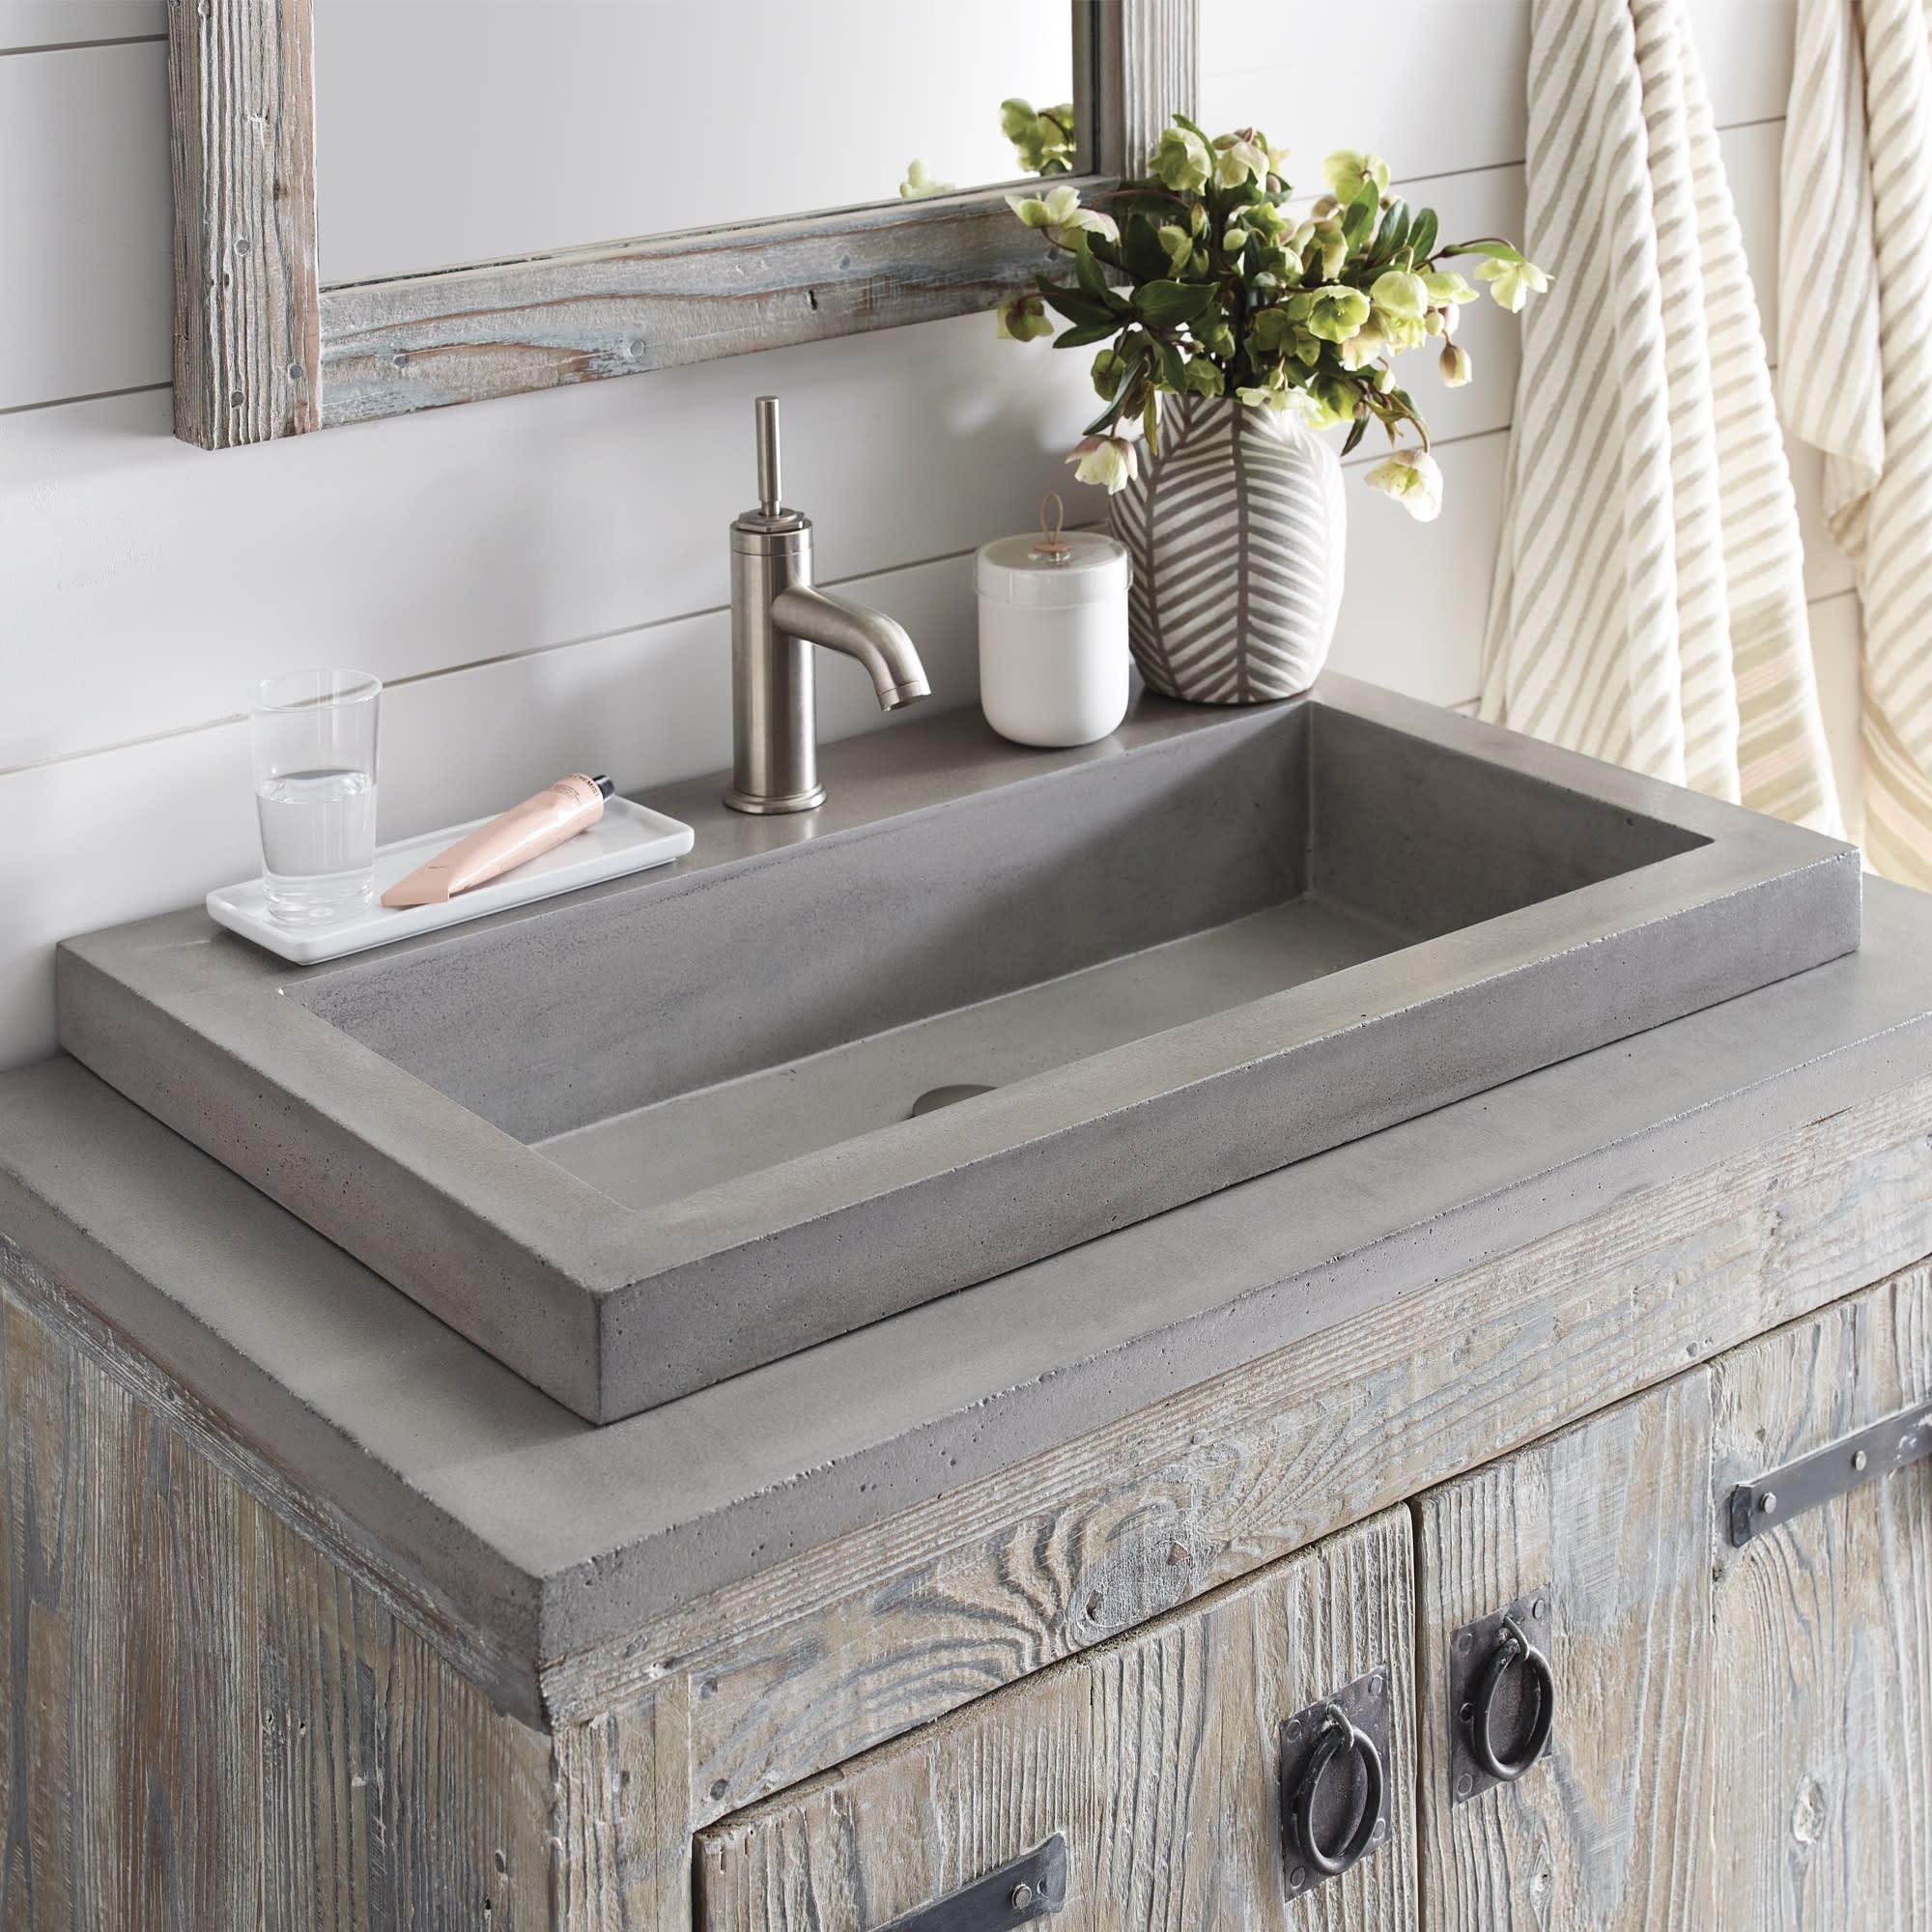 Native Trails Nsl3019 Ax Nativestone Trough Bathroom Sink Qualitybath Com